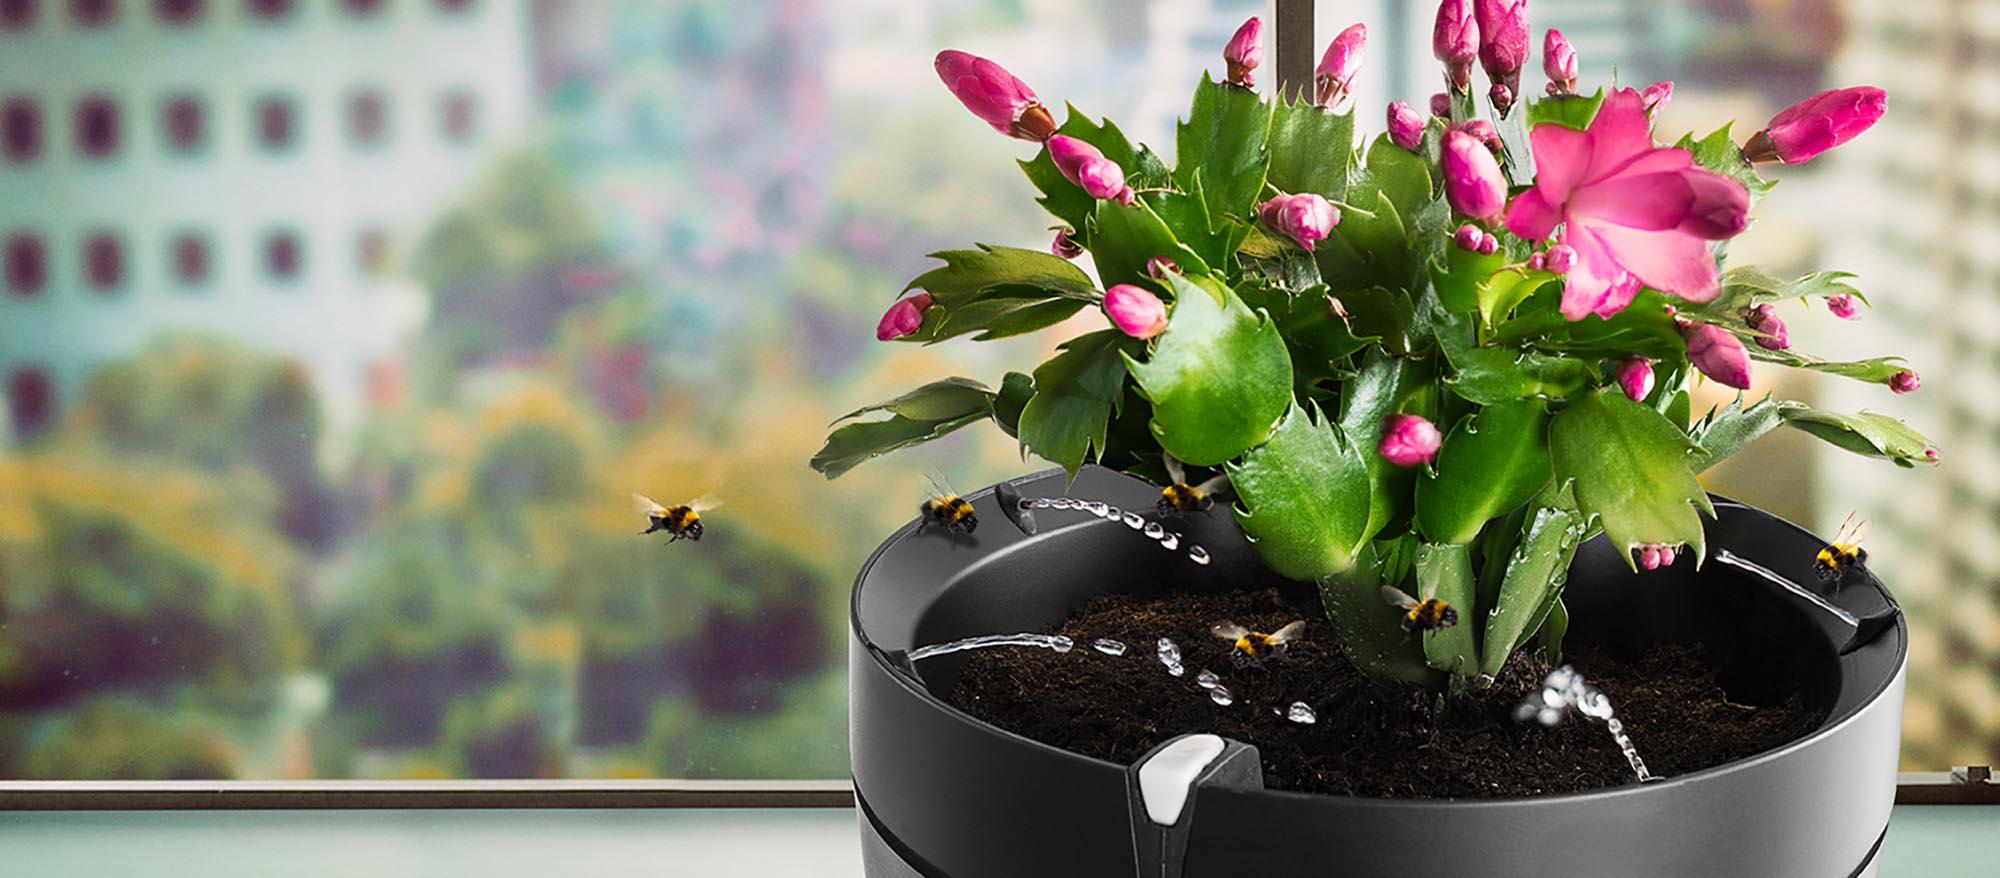 gie en war gestern smarter pflanzentopf parrot pot im test. Black Bedroom Furniture Sets. Home Design Ideas